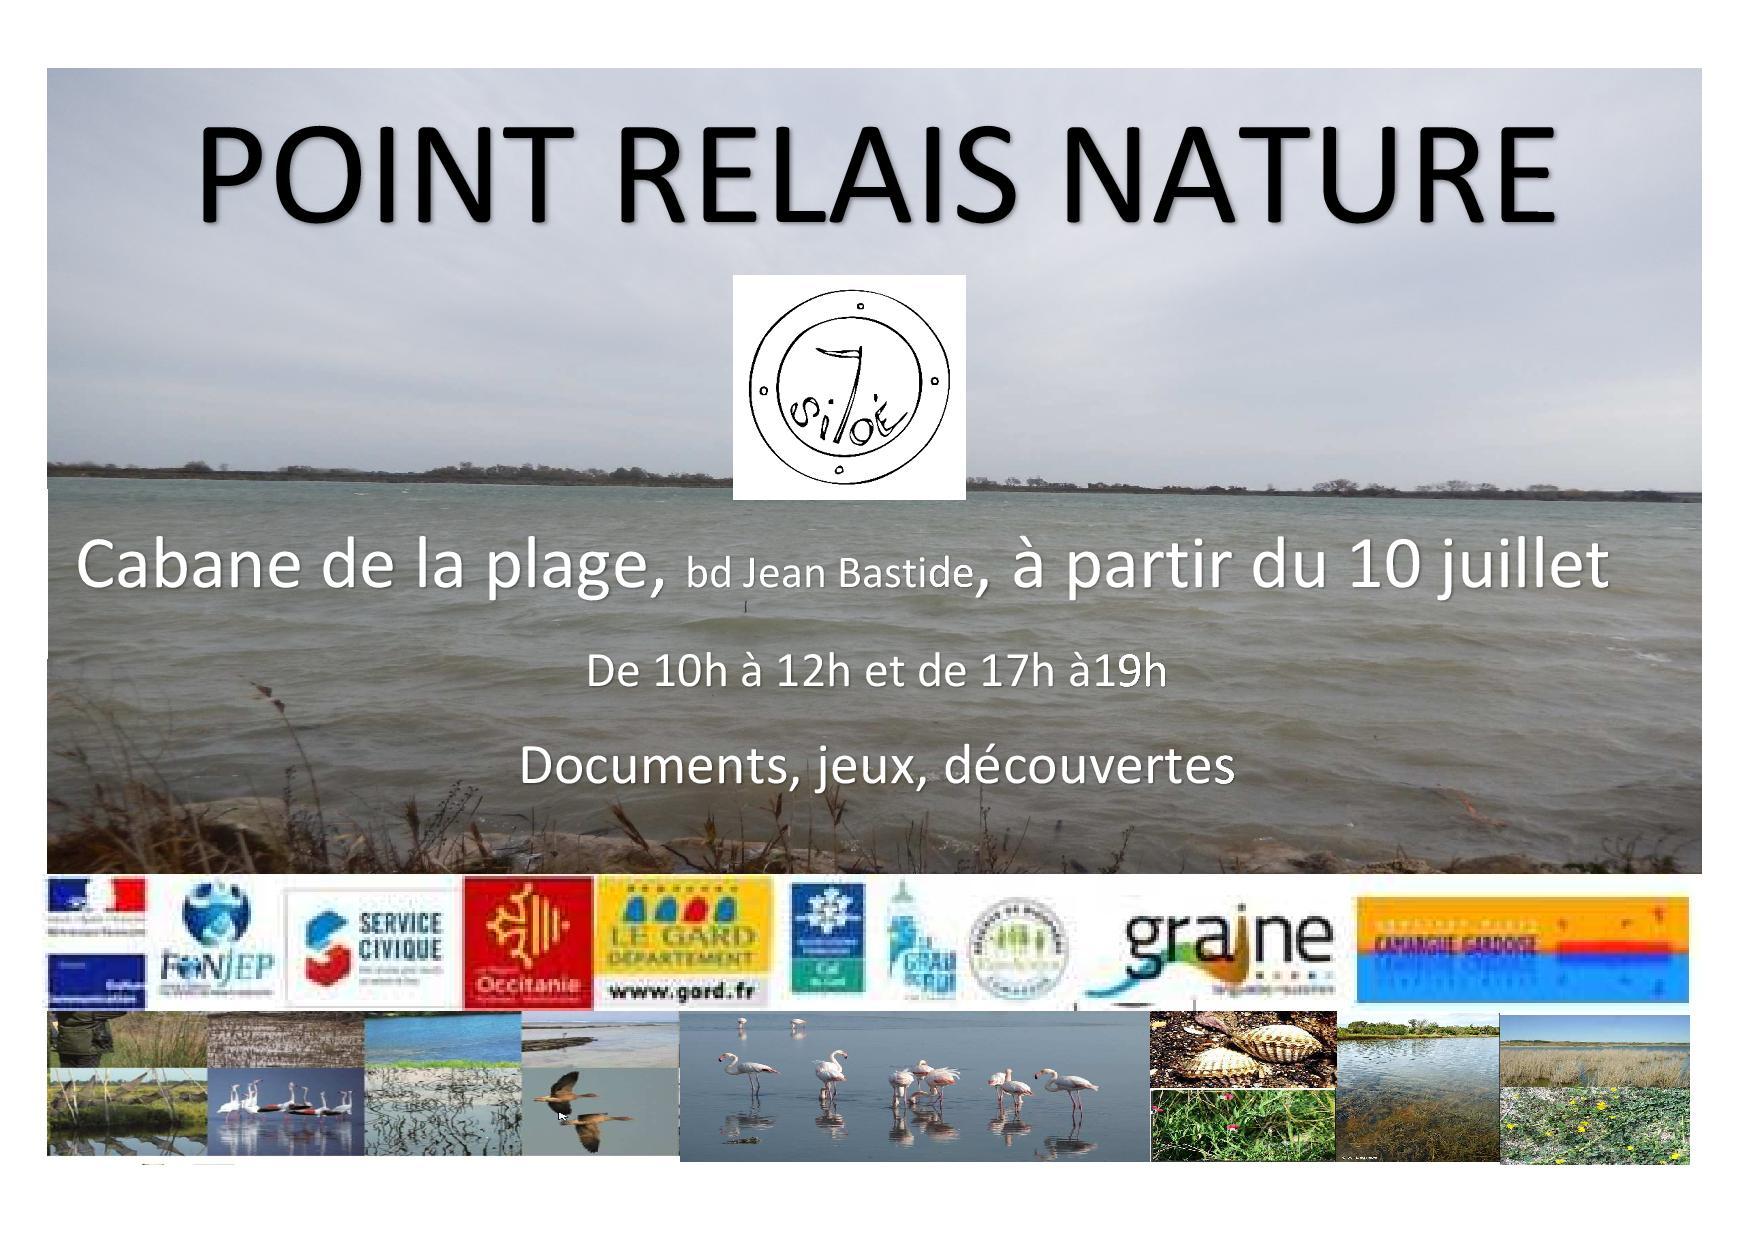 Point relais nature silo - Point relais temps l ...